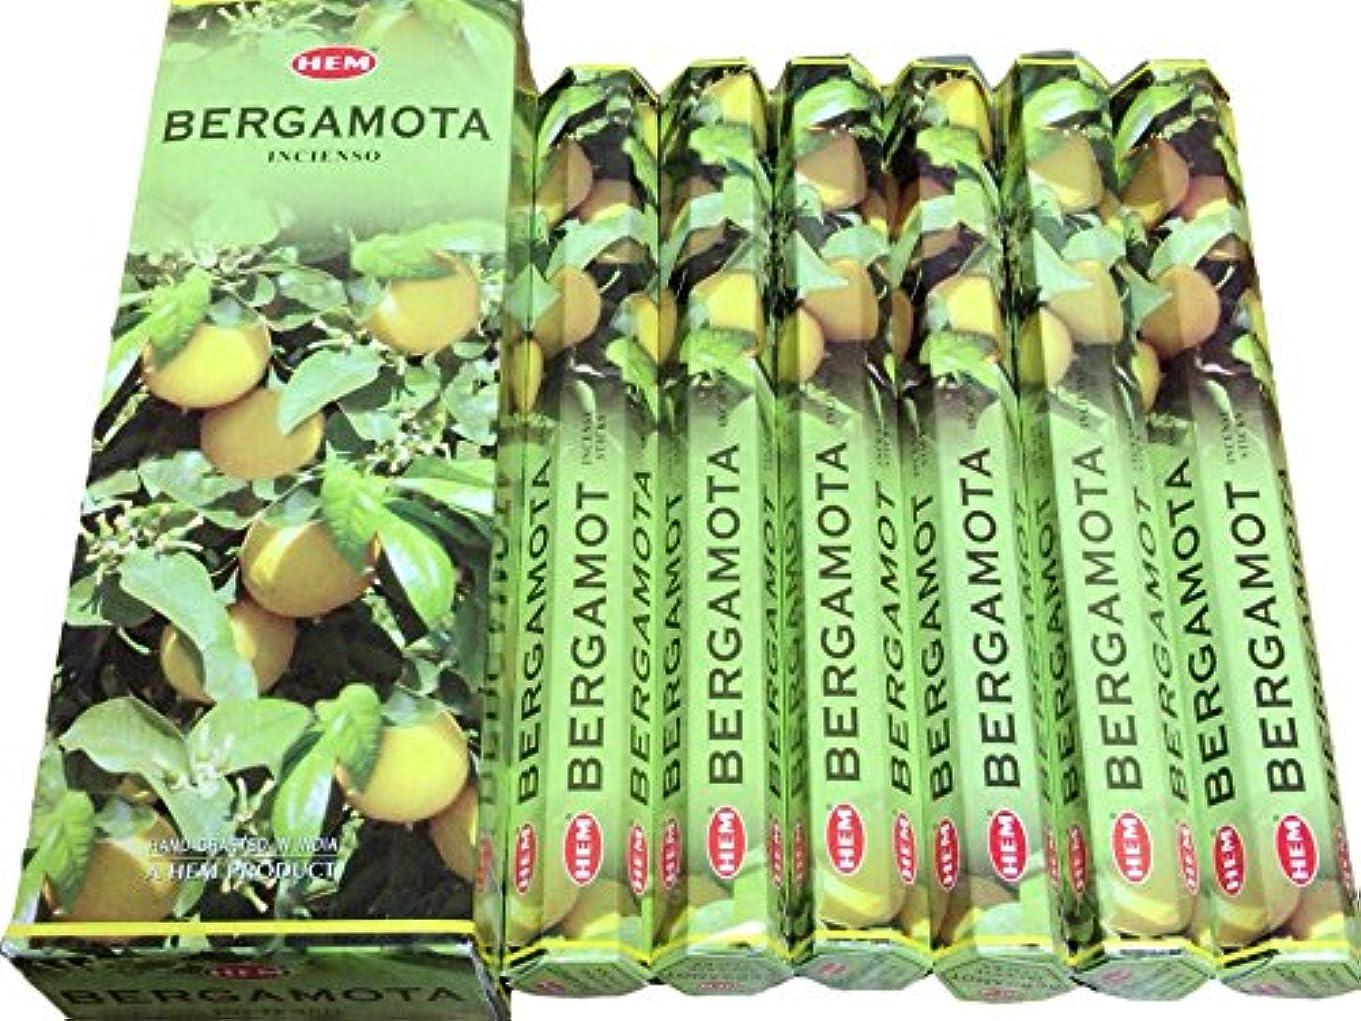 干渉する微妙宿題HEM ヘム ベルガモット BERGAMOTA ステック お香 6本 セット